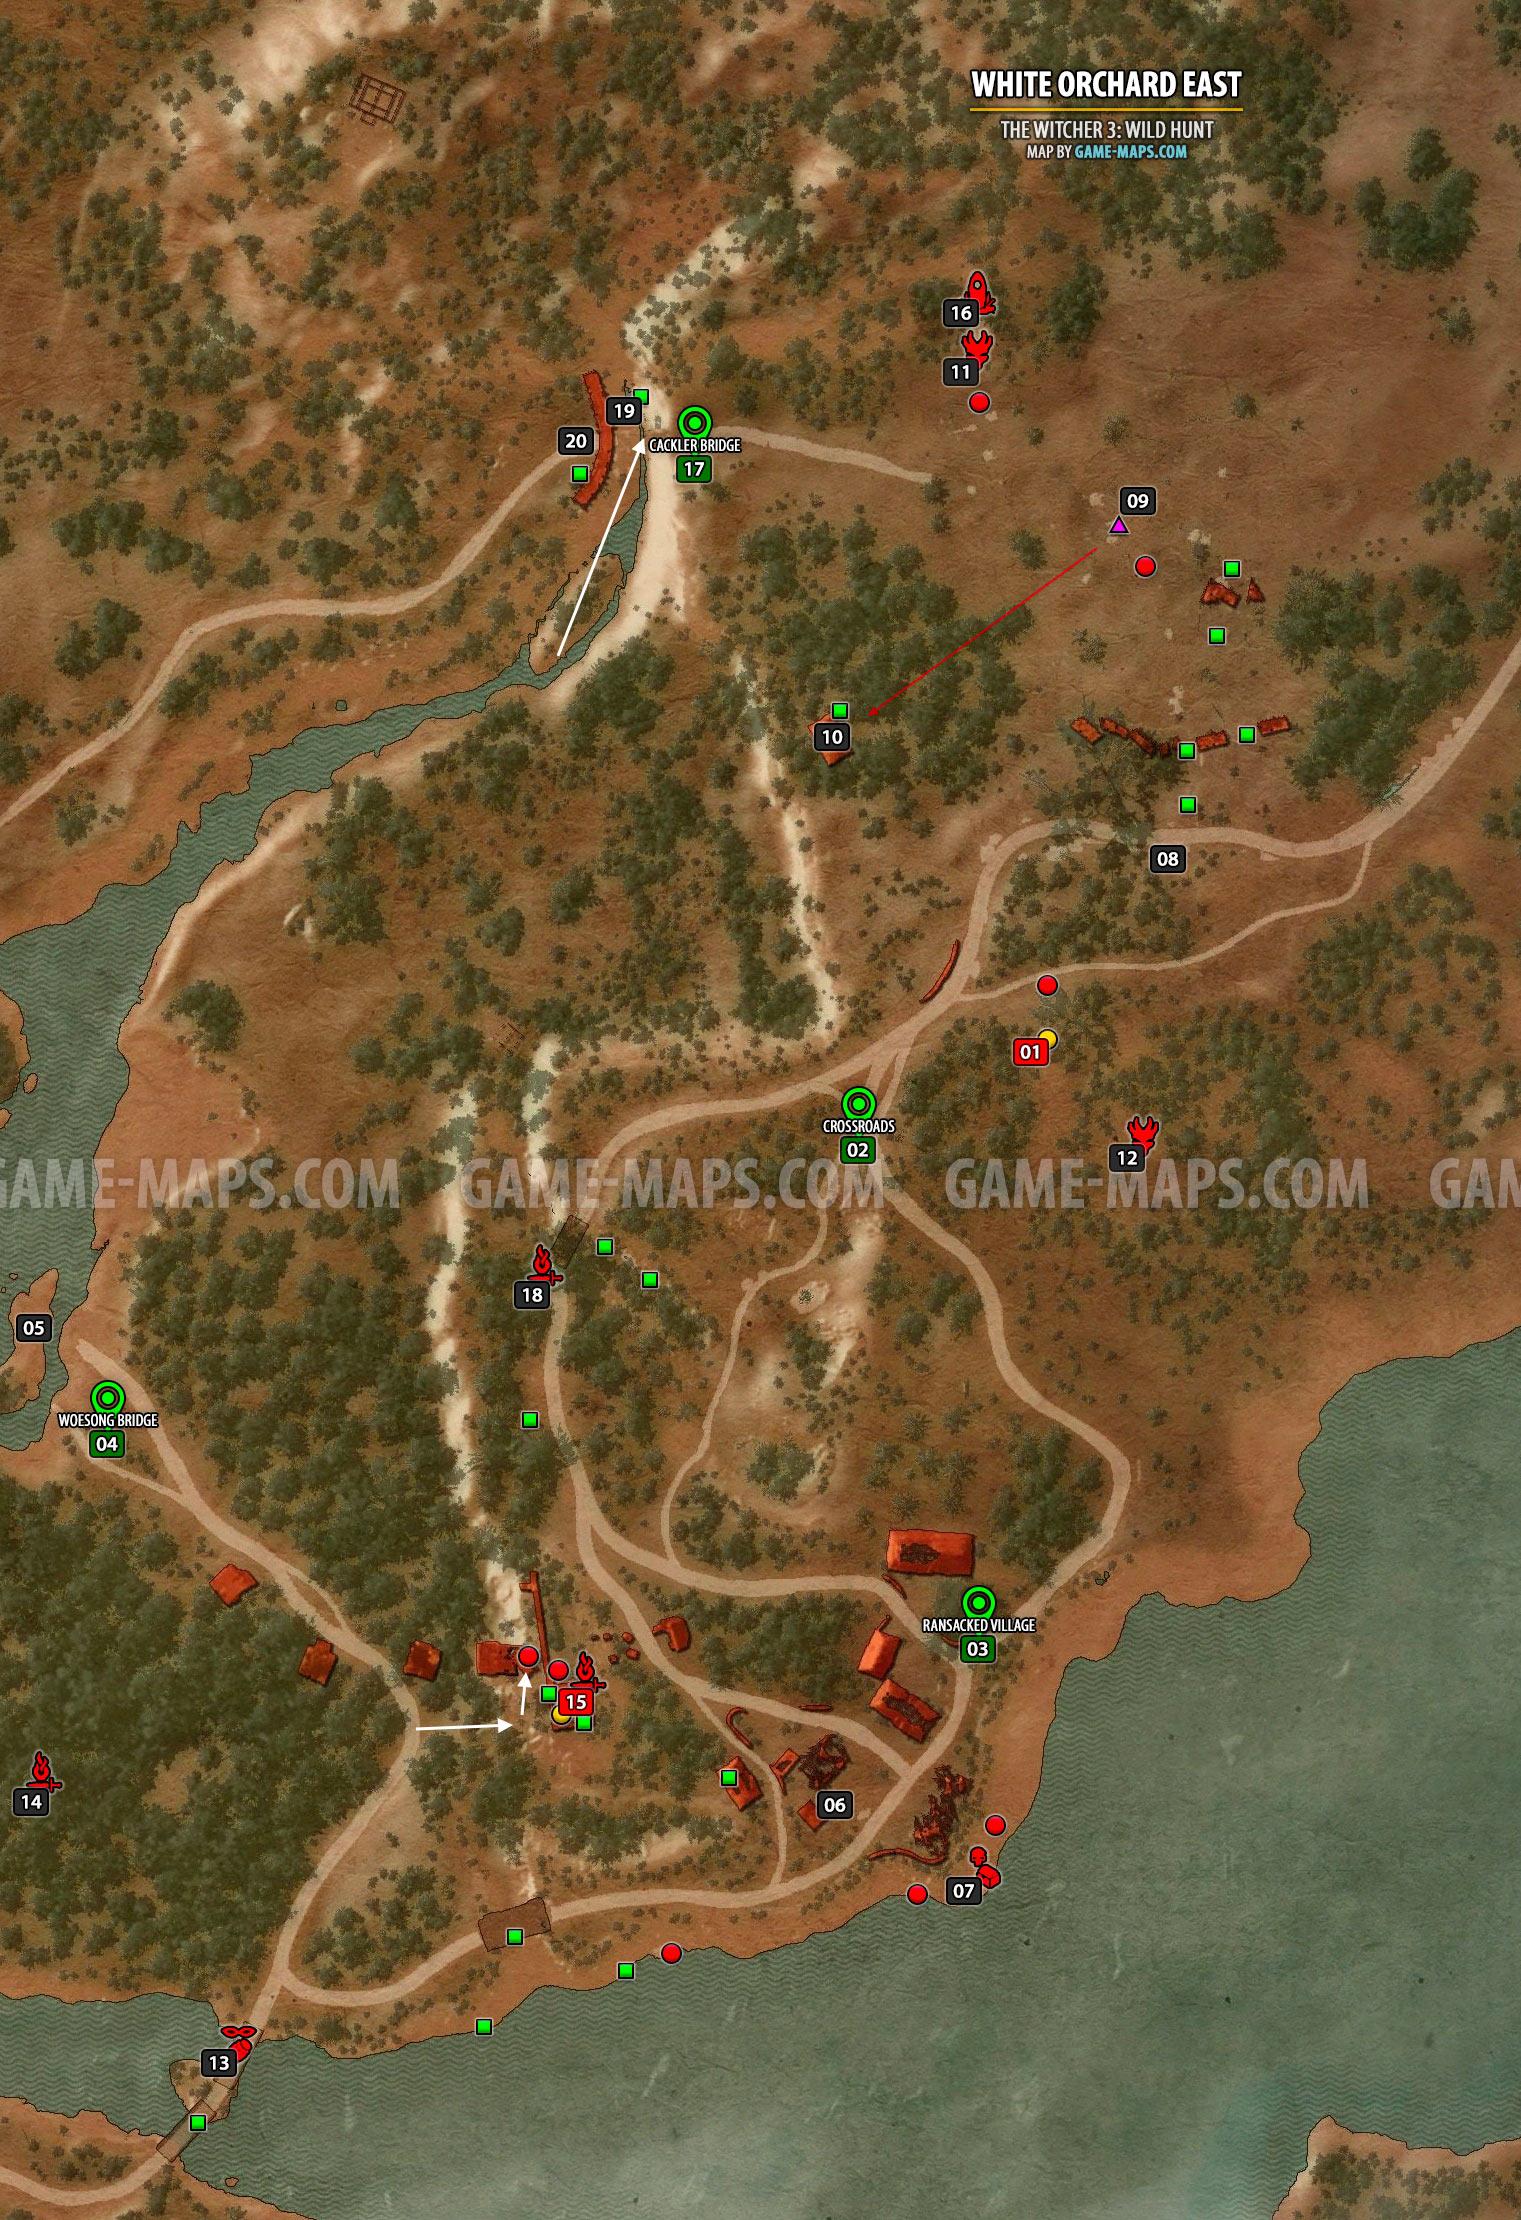 White Orchard Map : white, orchard, White, Orchard, Witcher, Game-maps.com